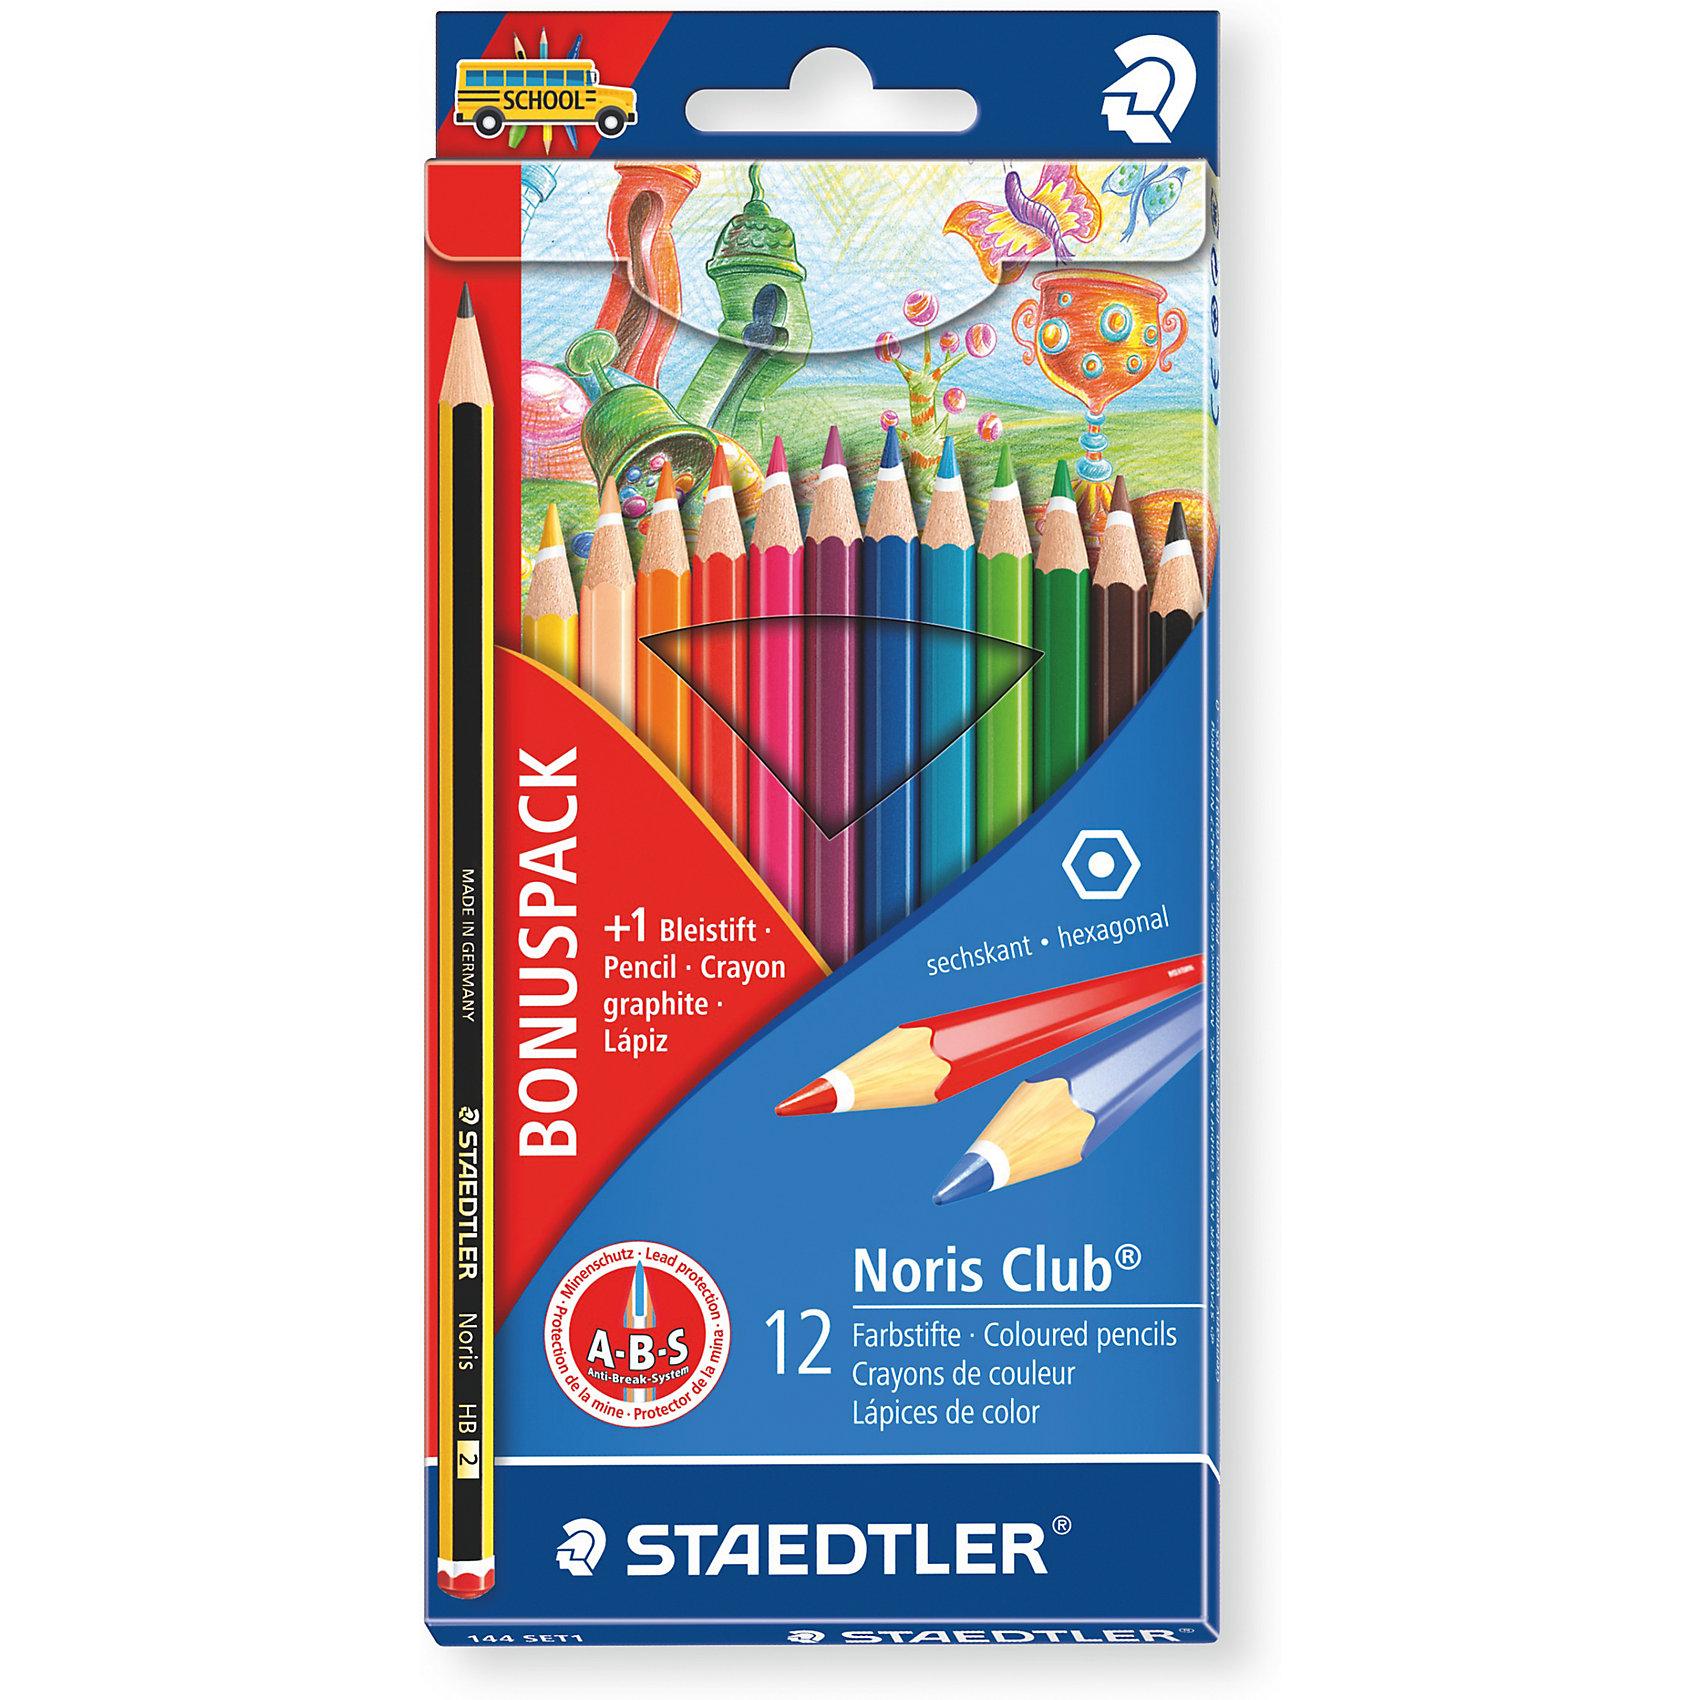 Карандаш цветной Noris Club набор 12 цветовРисование<br>Карандаш цветной Noris Club набор 12 цветов.<br><br>Характеристики:<br><br>• Для детей в возрасте: от 3 лет<br>• В наборе: 12 цветных карандашей, 1 чернографитовый карандаш бесплатно<br>• Количество цветов: 12<br>• Материал корпуса: древесина сертифицированных и специально подготовленных лесов<br>• Упаковка: картонная коробка с европодвесом<br>• Карандаши уложены в 1ряд<br>• Размер упаковки: 197x95x8 мм.<br>• Вес: 74 гр.<br><br>Набор цветных карандашей Noris Club, непременно, понравится вашему юному художнику. Набор включает в себя 12 карандашей, ярких сочных цветов и 1 чернографитовый карандаш. Карандаши имеют классическую шестигранную форму, лакированный корпус, очень мягкий и яркий грифель. Система защиты от поломки ABS (Anti-break-system) увеличивает устойчивость и сокращает ломкость грифеля. Карандаши легко затачивать. Корпус карандашей изготовлен из древесины сертифицированных и специально подготовленных лесов.<br><br>Карандаш цветной Noris Club набор 12 цветов можно купить в нашем интернет-магазине.<br><br>Ширина мм: 190<br>Глубина мм: 95<br>Высота мм: 100<br>Вес г: 750<br>Возраст от месяцев: 36<br>Возраст до месяцев: 2147483647<br>Пол: Унисекс<br>Возраст: Детский<br>SKU: 5529976